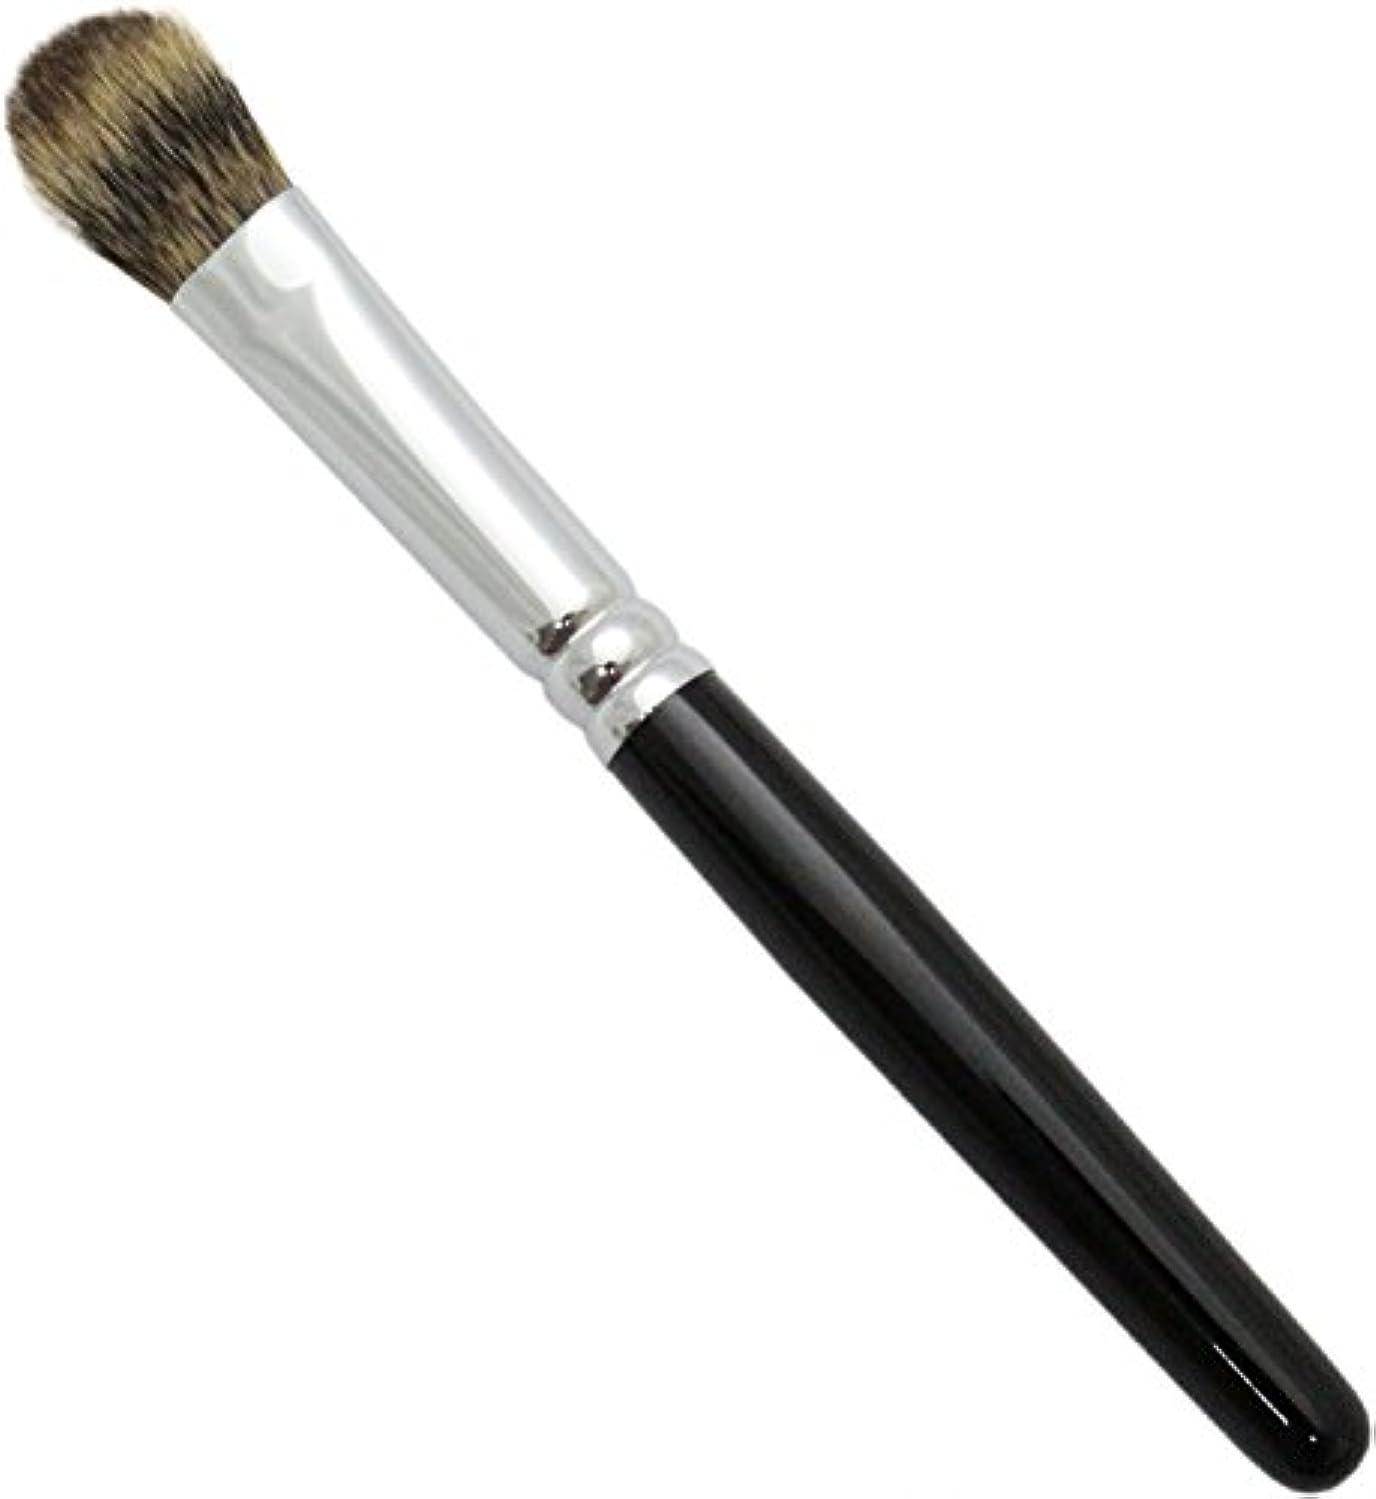 はず鉱夫に向けて出発熊野筆 メイクブラシ SRシリーズ アイカラーブラシ 松リス毛